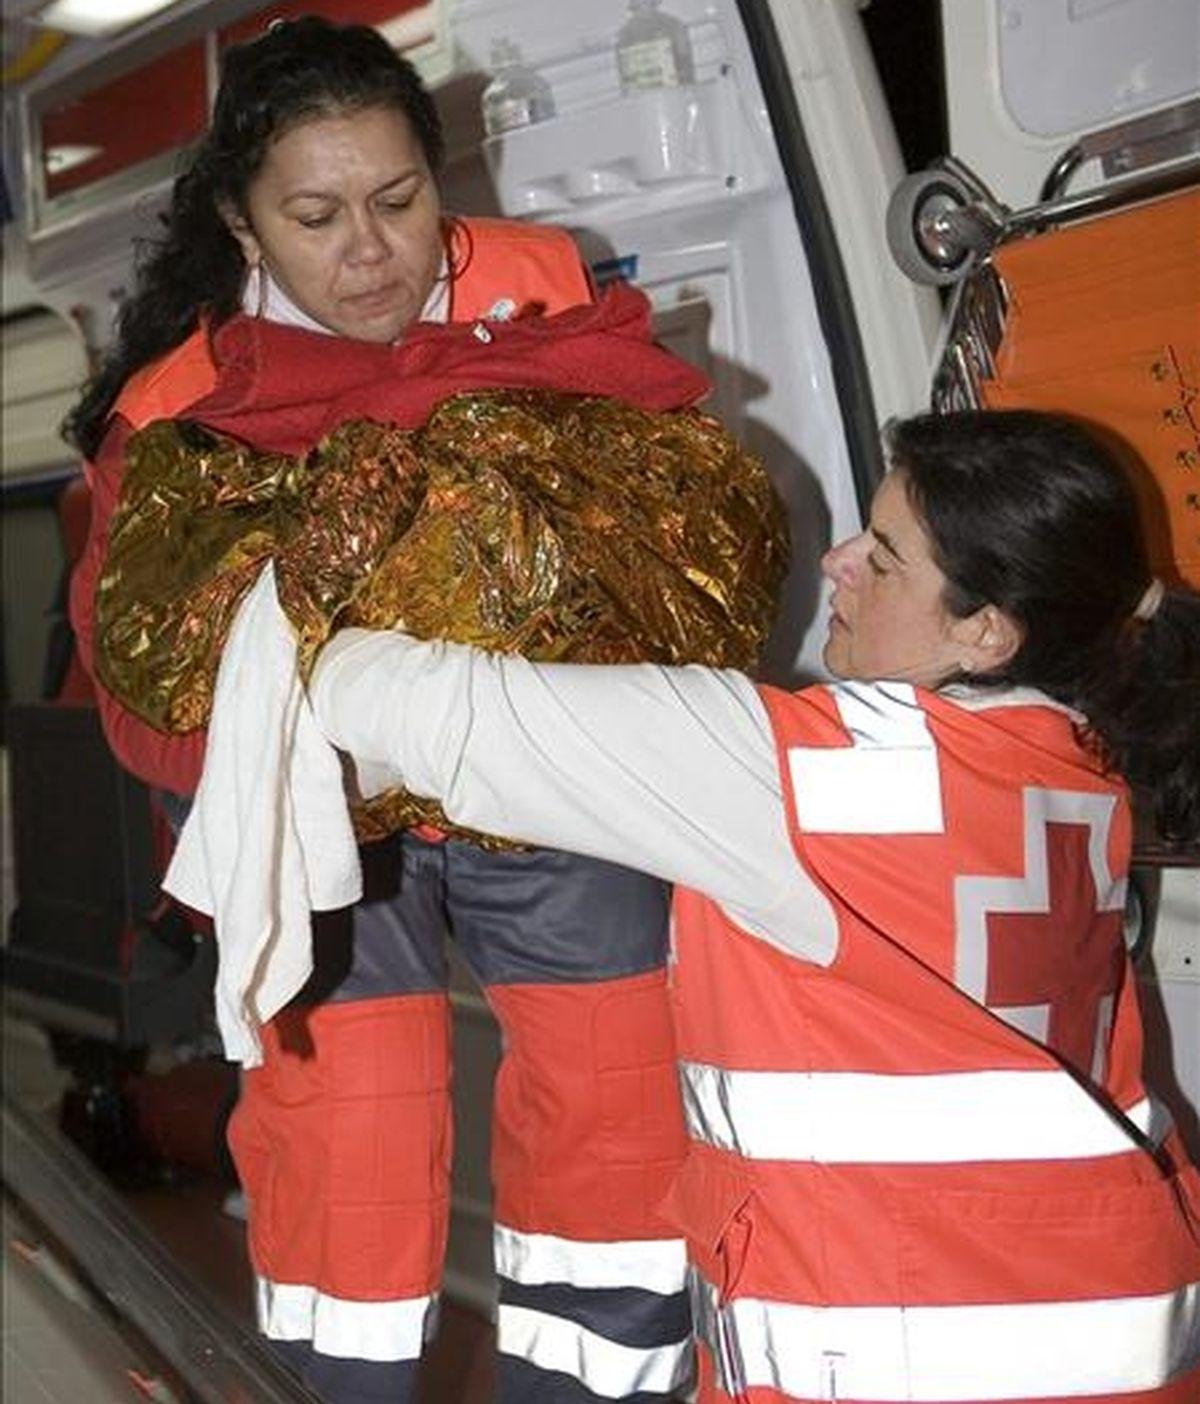 Dos miembros de la Cruz Roja sostienen entre mantas térmicas al bebé que nació en la patera quefue interceptada, esta tarde, por miembros del Servicio Marítimo de la Guardia Civil y de Salvamento Marítimo en las cercanías de la Isla de Alborán. EFE